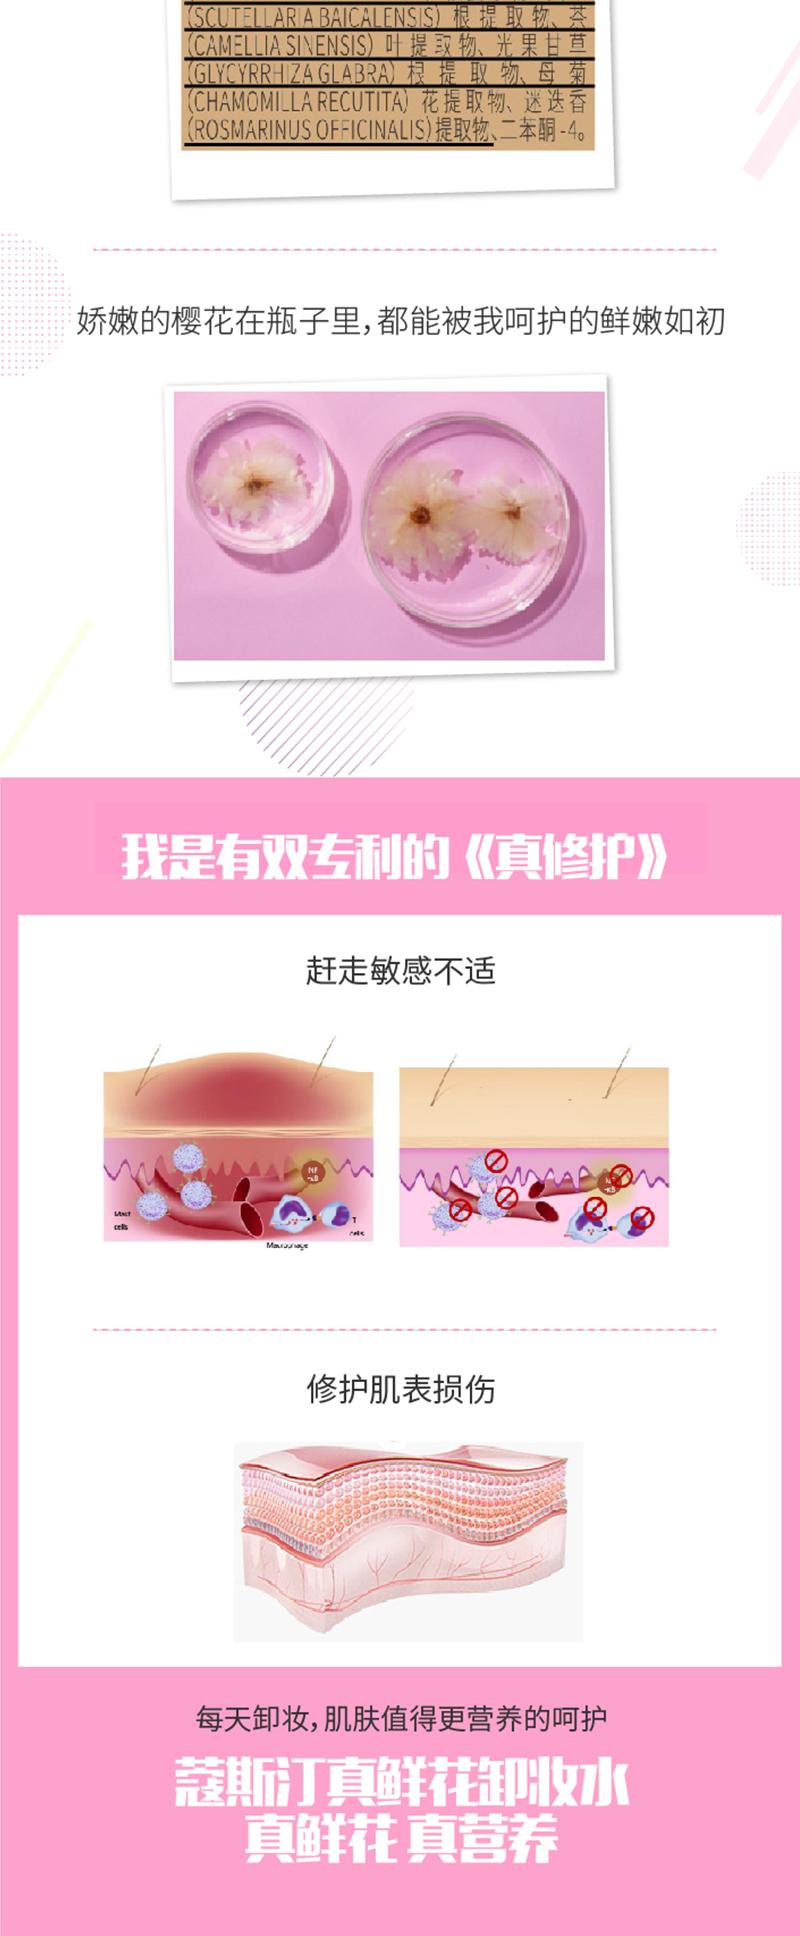 卸妆水找货网产品详情图_01_03.jpg